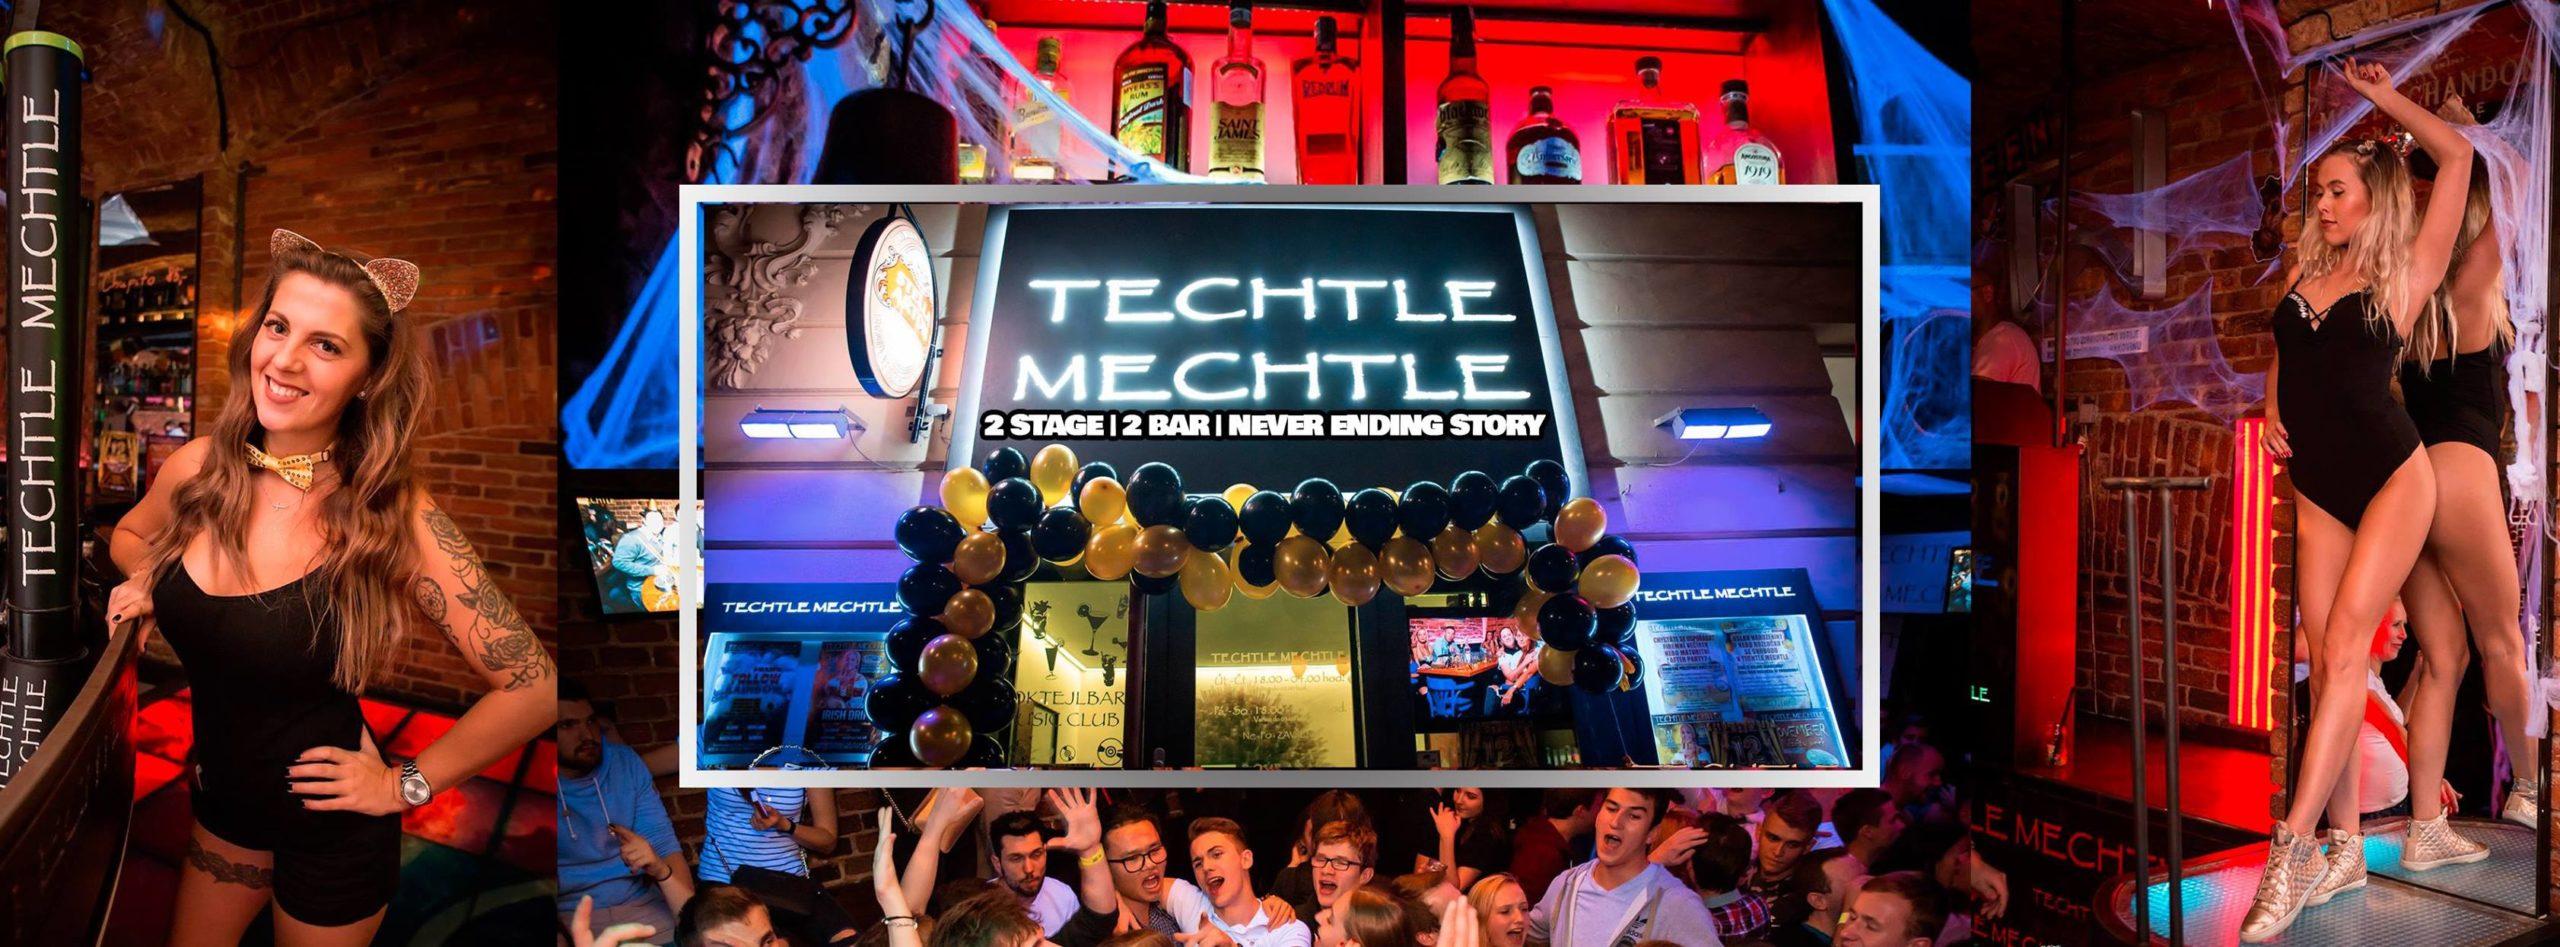 Tyhlety Techtle Mechtle… Anebo když srká jedno brčko sto fotbalistů a jedna covid čičinka